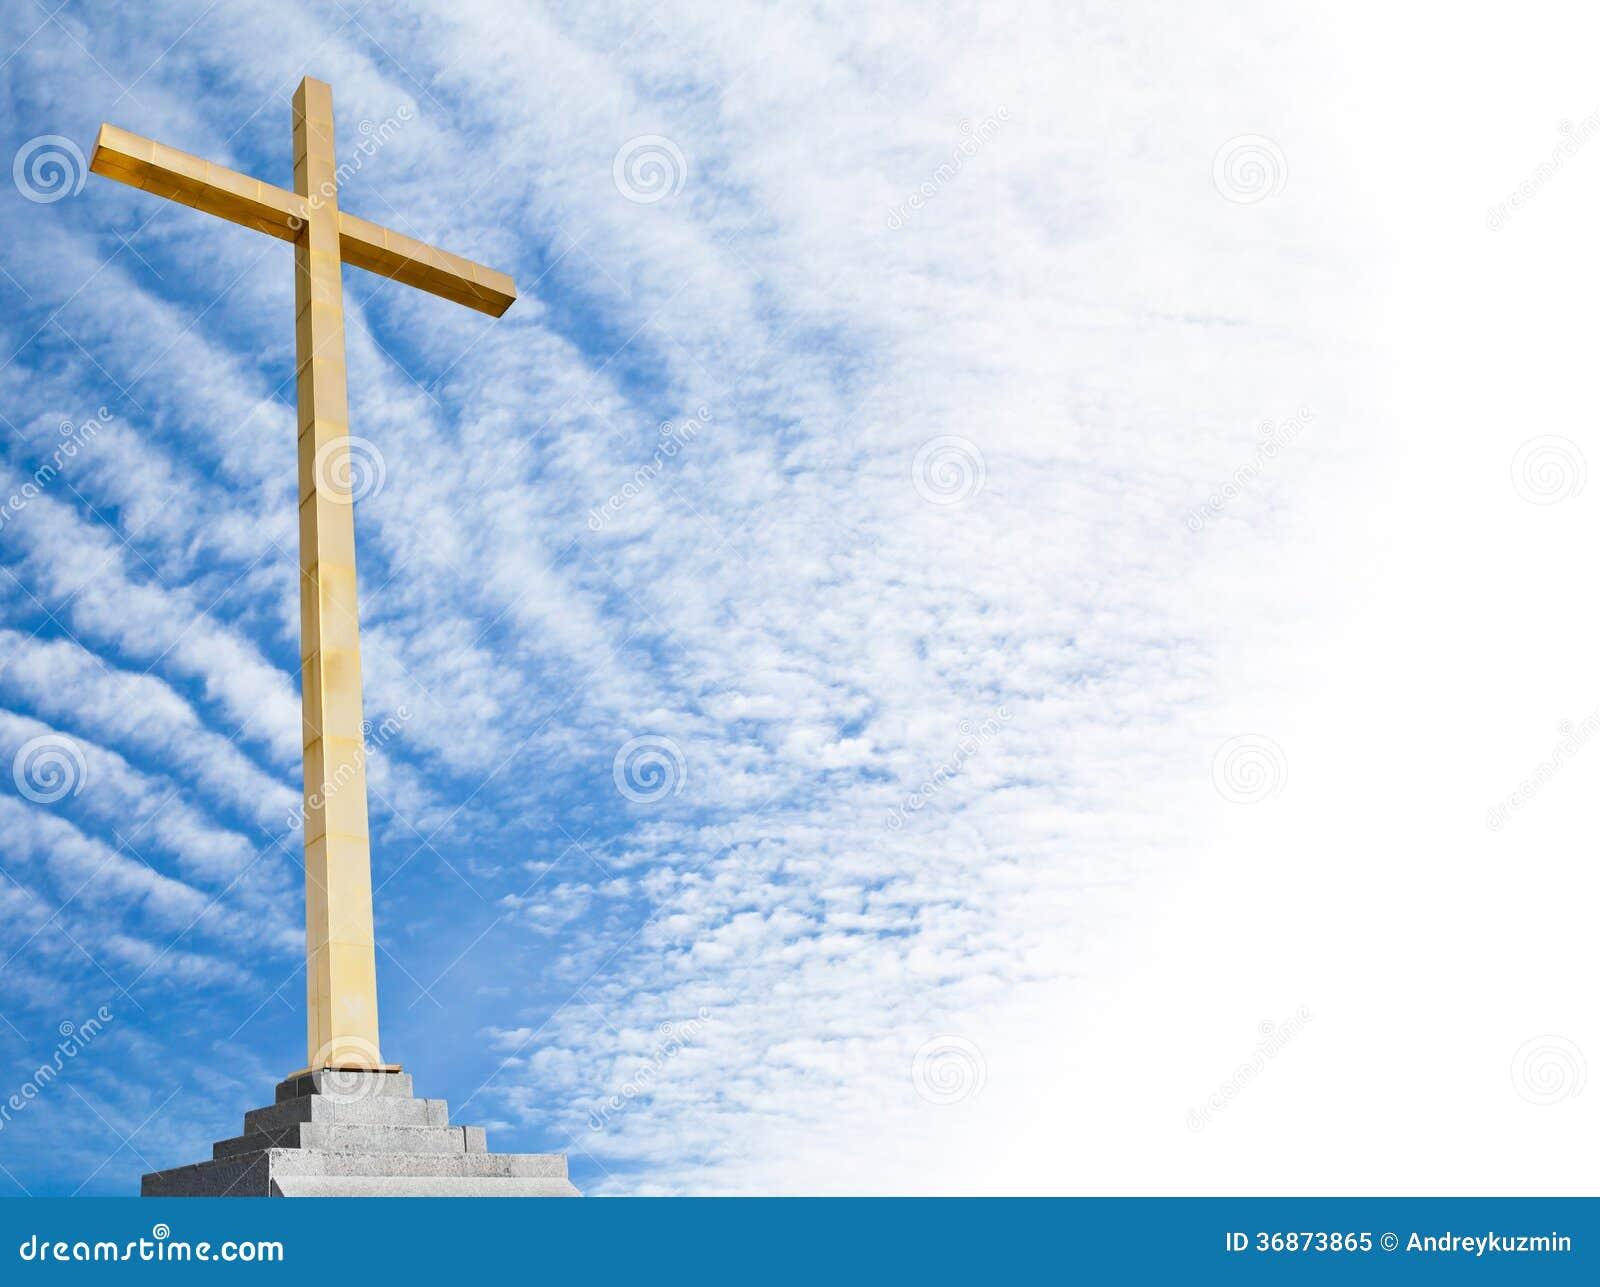 基督徒十字架有天空背景 宗教模板或框架图片